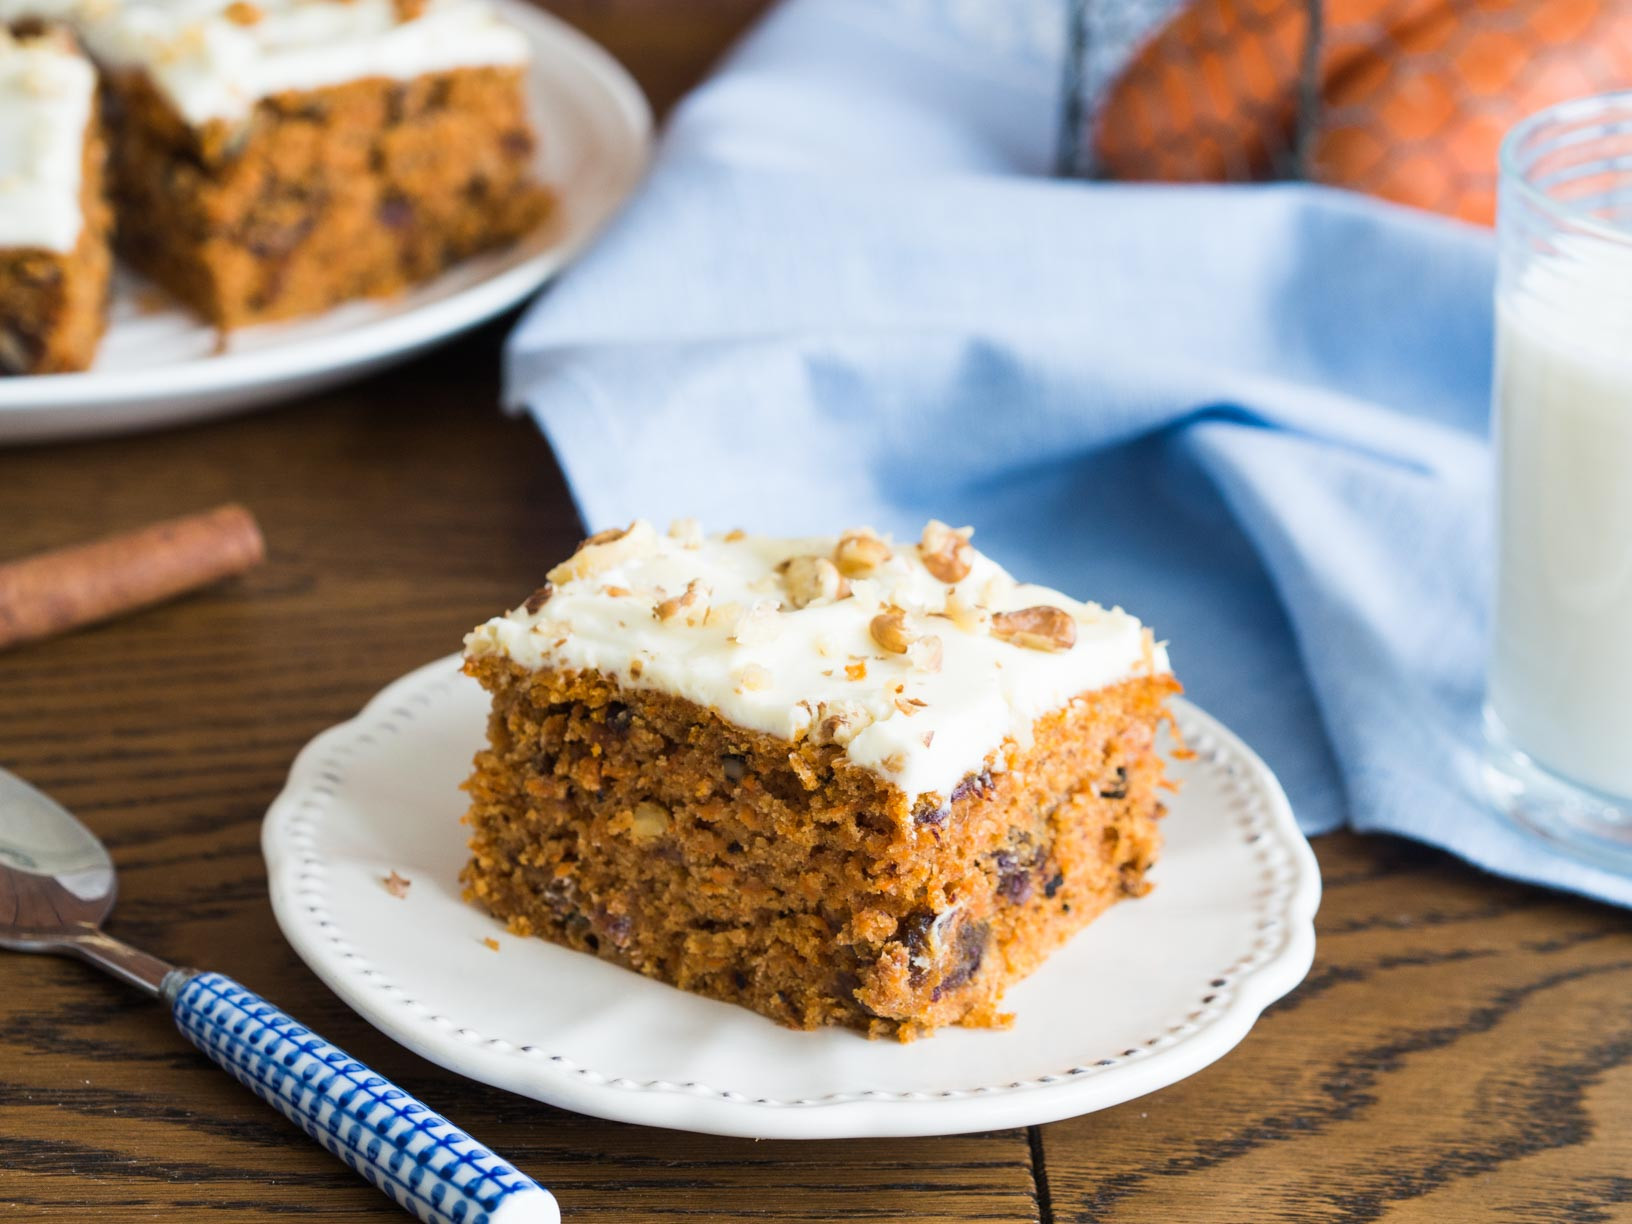 ciasto marchewkowe z daktylami